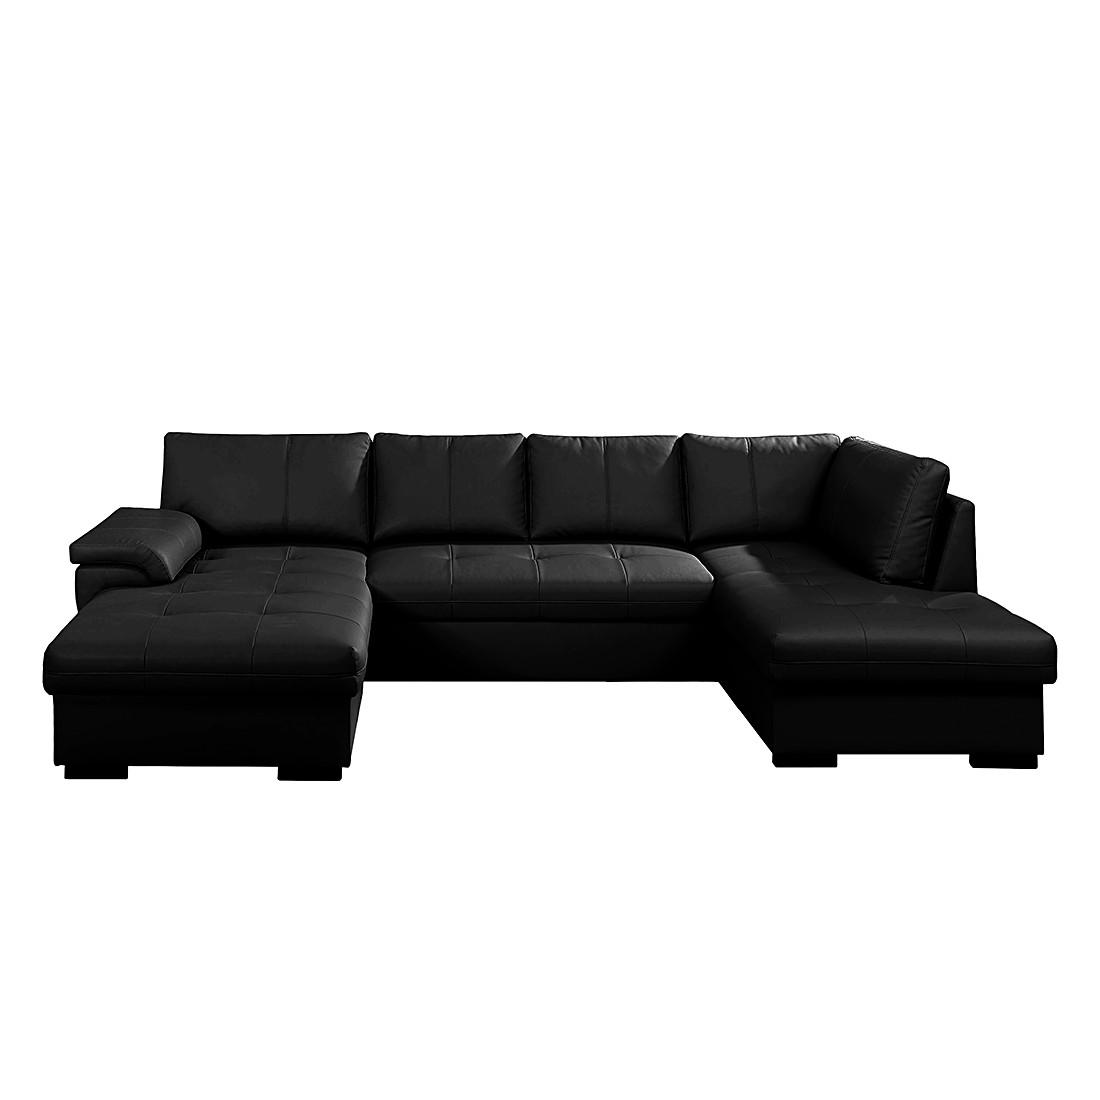 Canapé modulable Cuenca (convertible) - Cuir synthétique noir Méridienne courte et méridienne longue àÂ monter gauche ou droite, Nuovoform